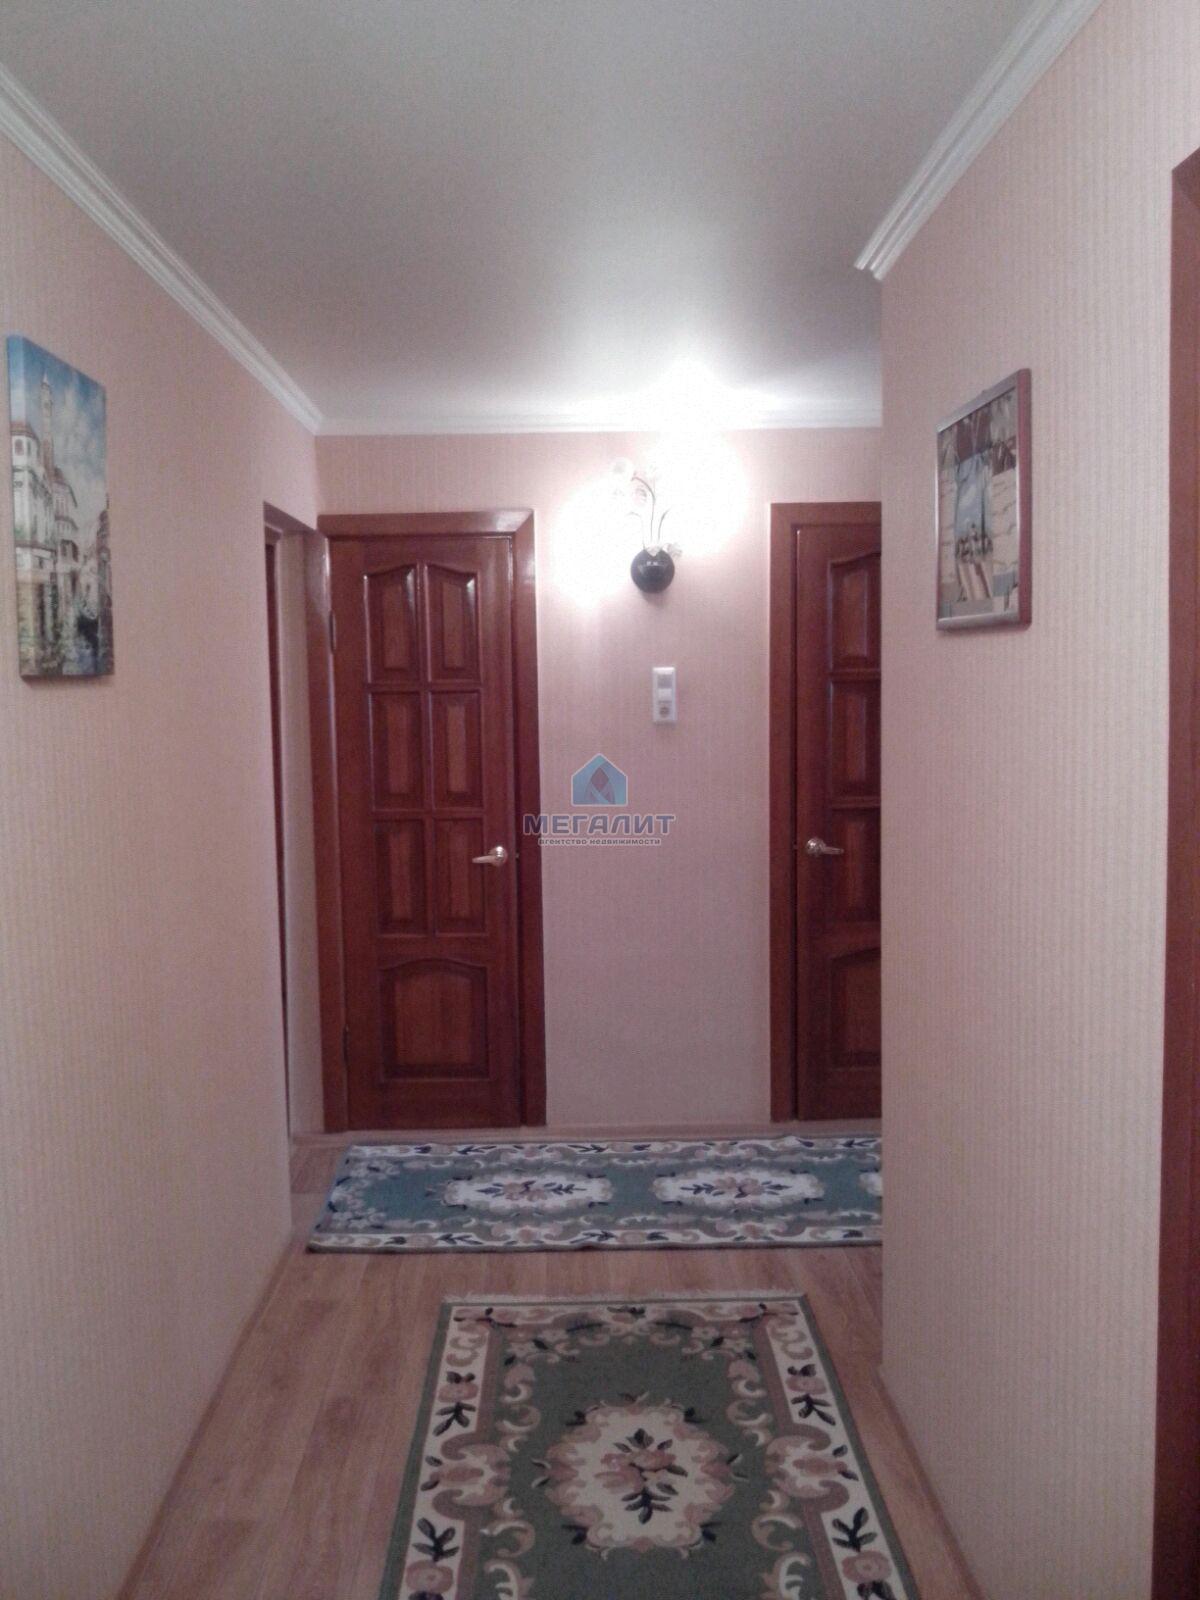 Сдается в аренду трехкомнатная квартира в Советском районе (миниатюра №3)